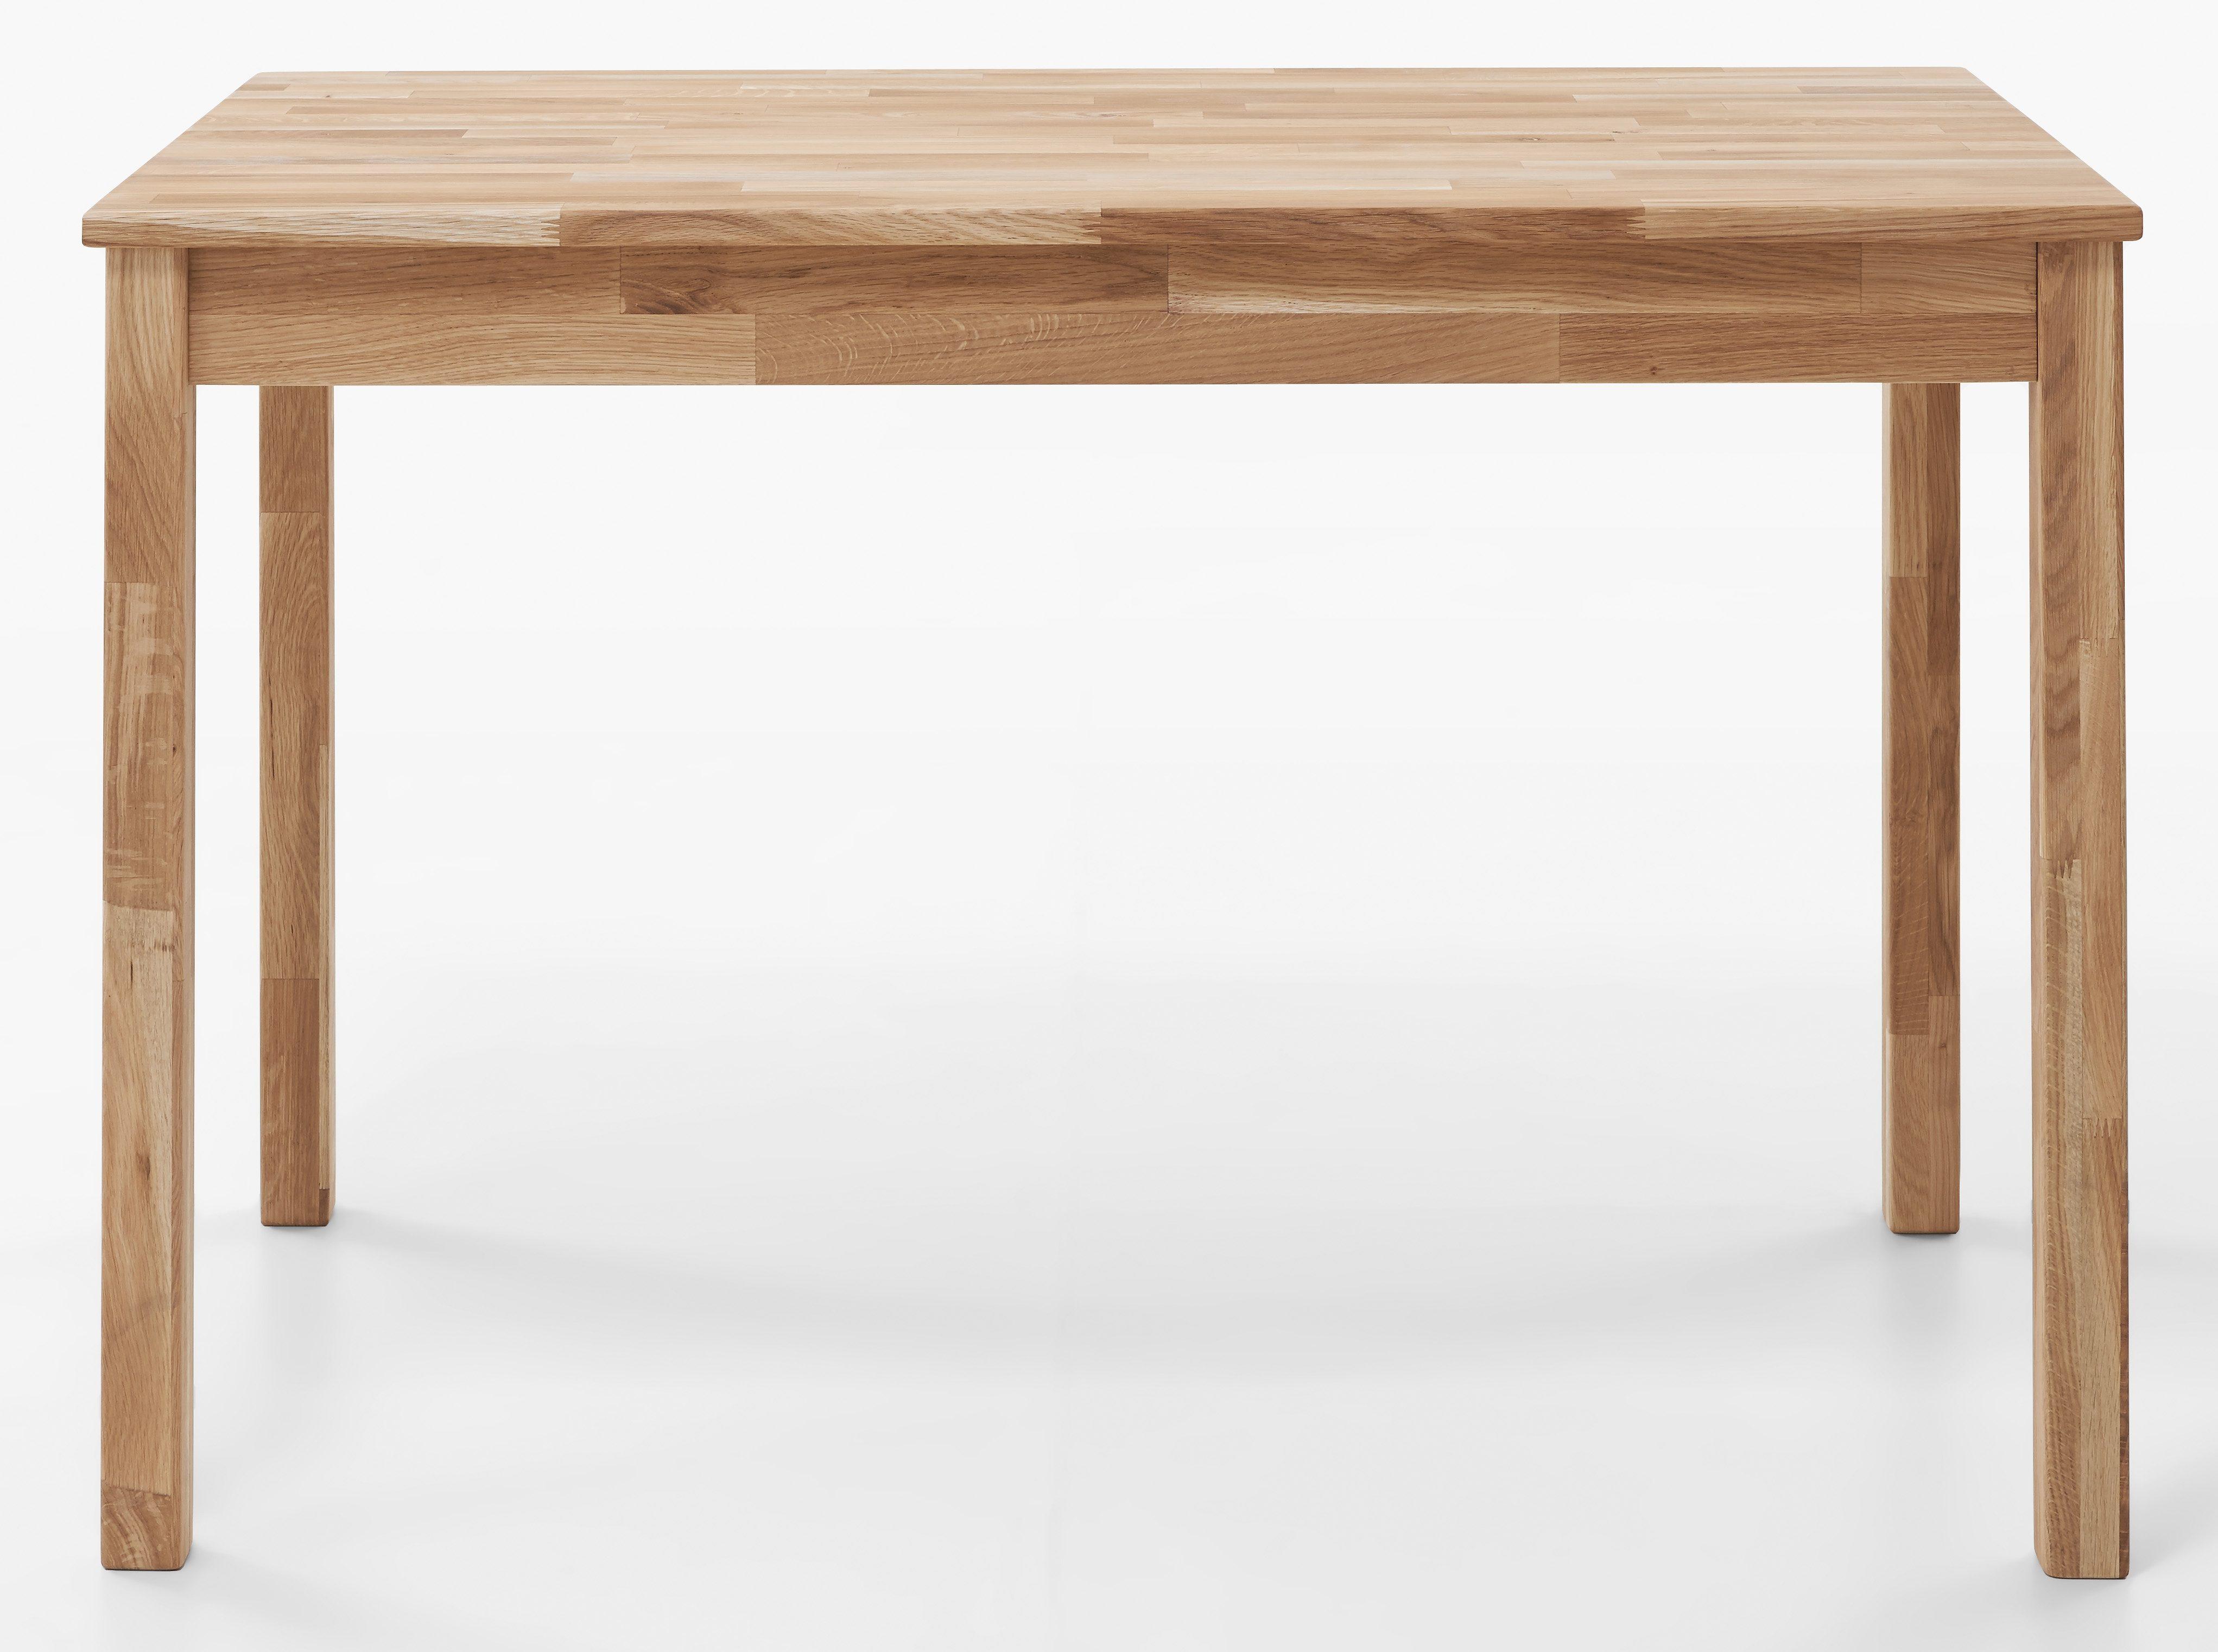 Home affaire Esstisch, in 4 Größen braun Esstisch Holz-Esstische Holztische Tische